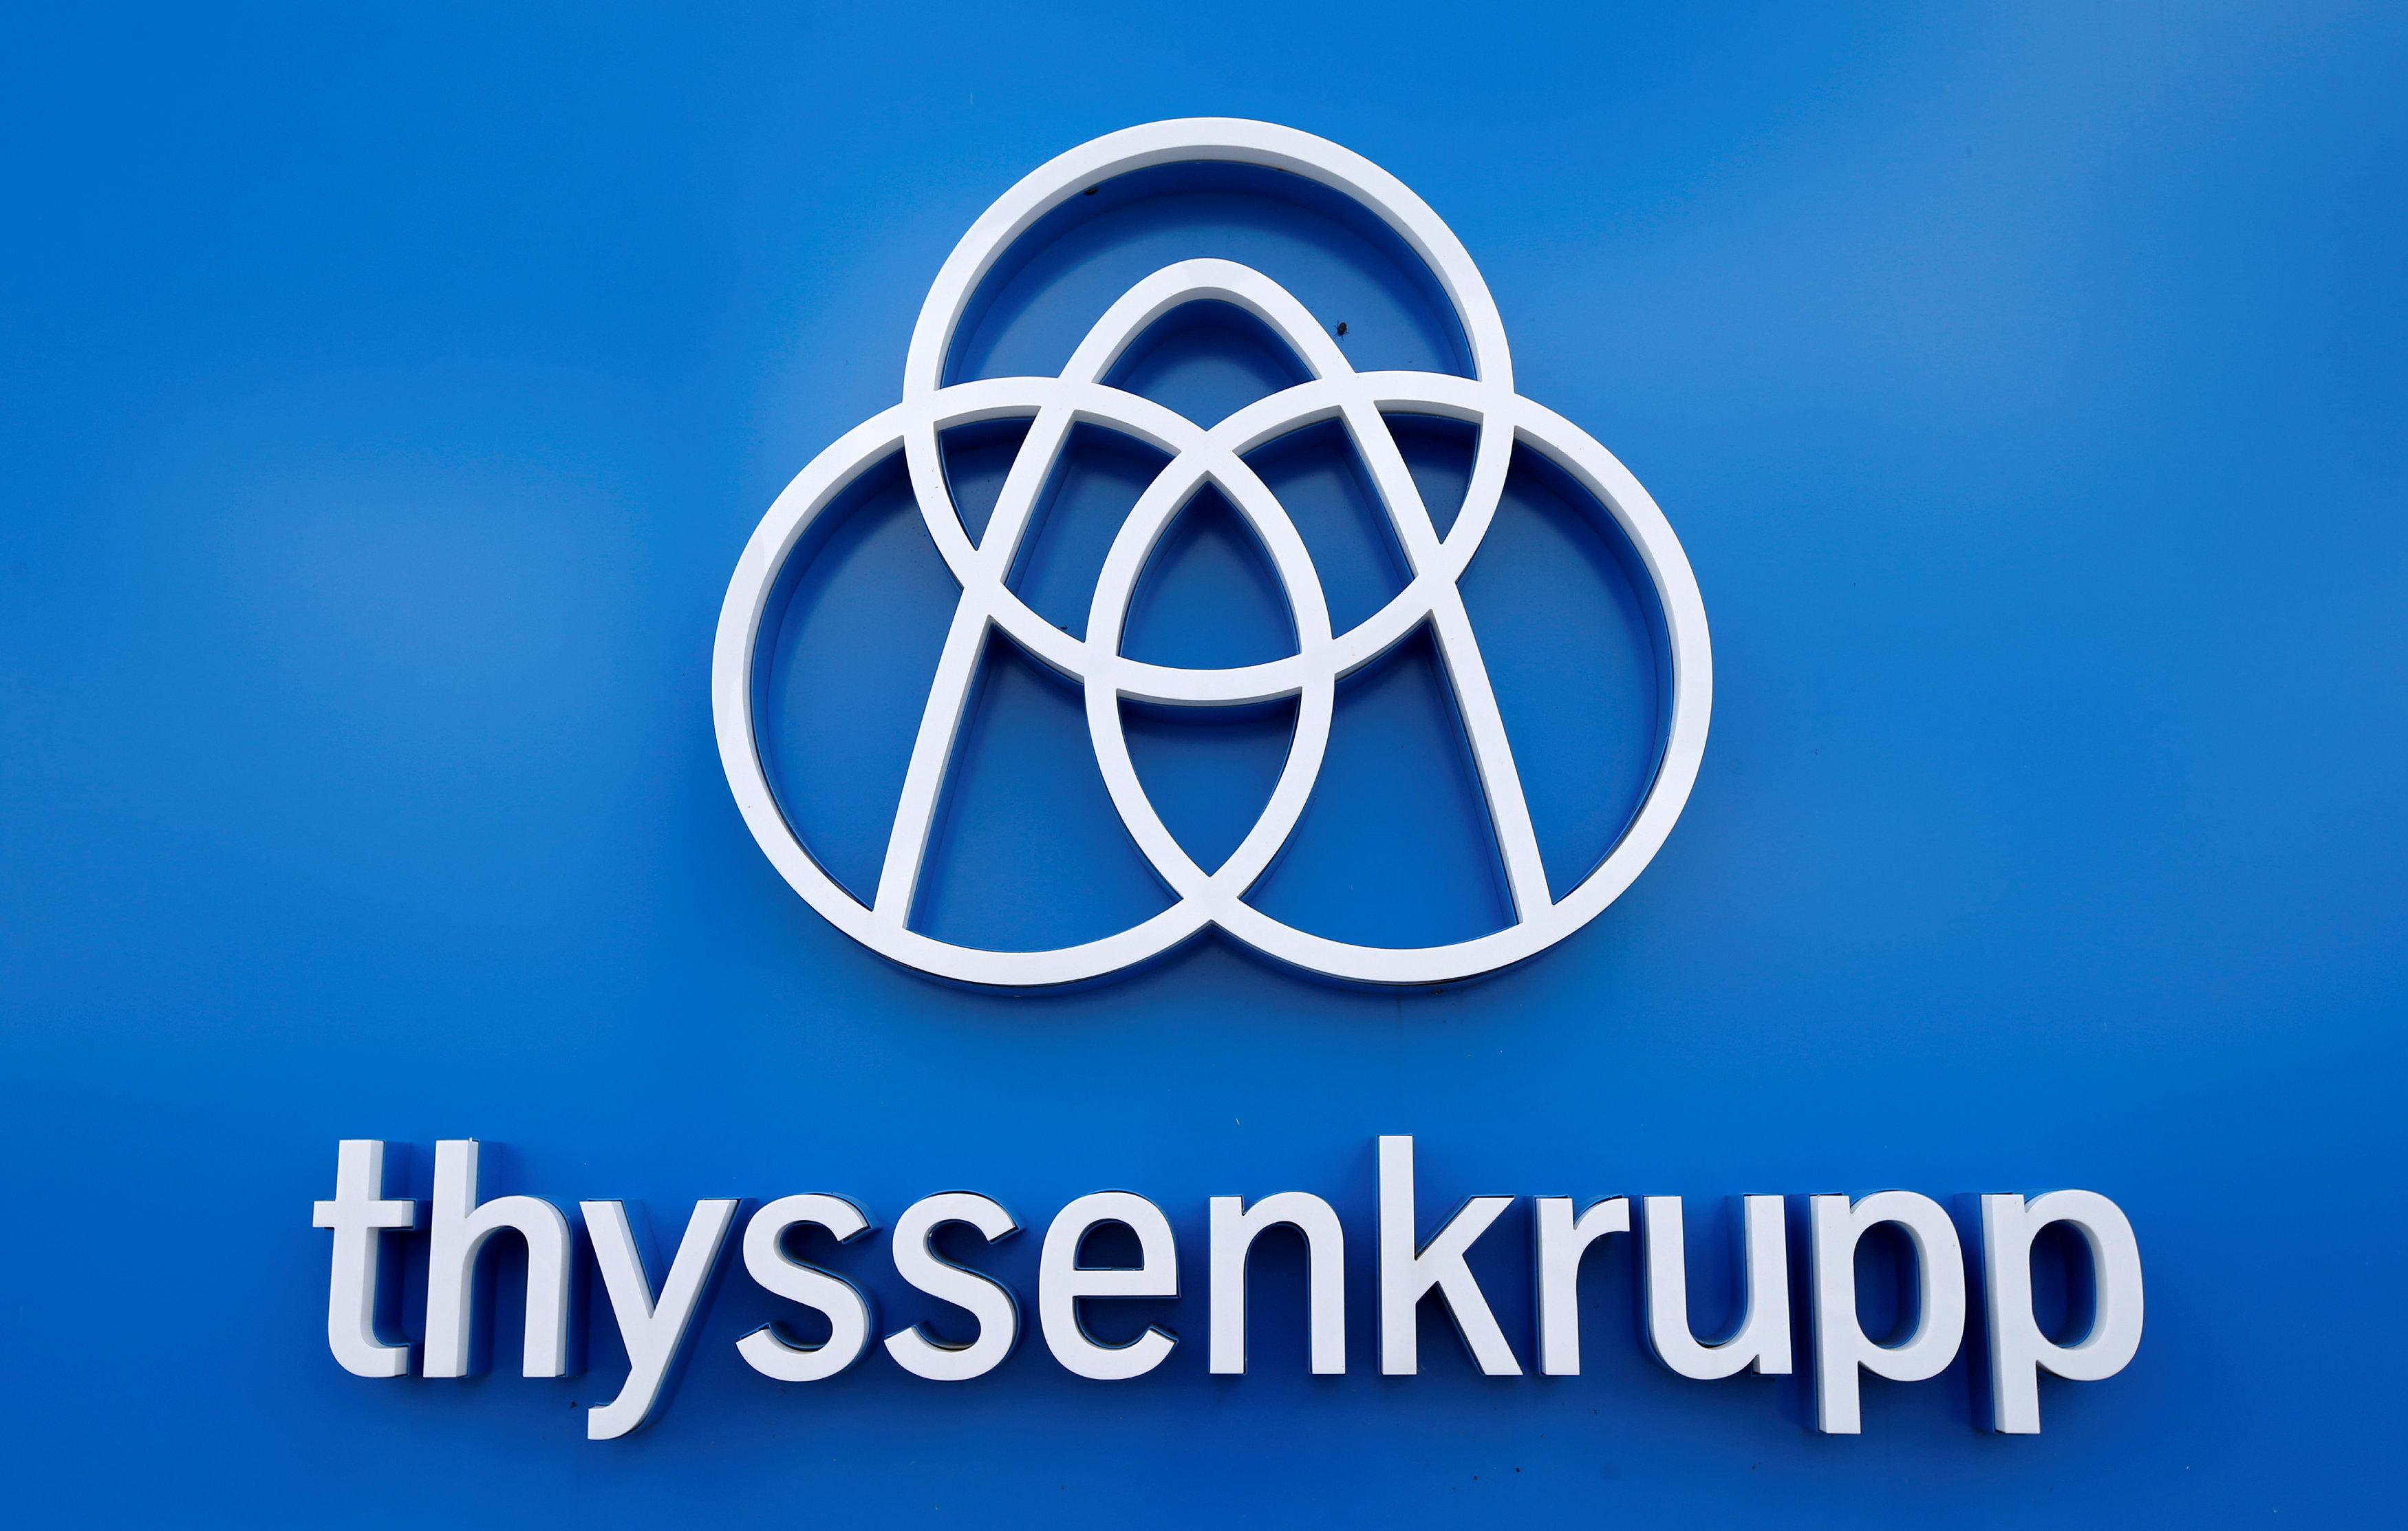 Thyssenkrupp's logo.